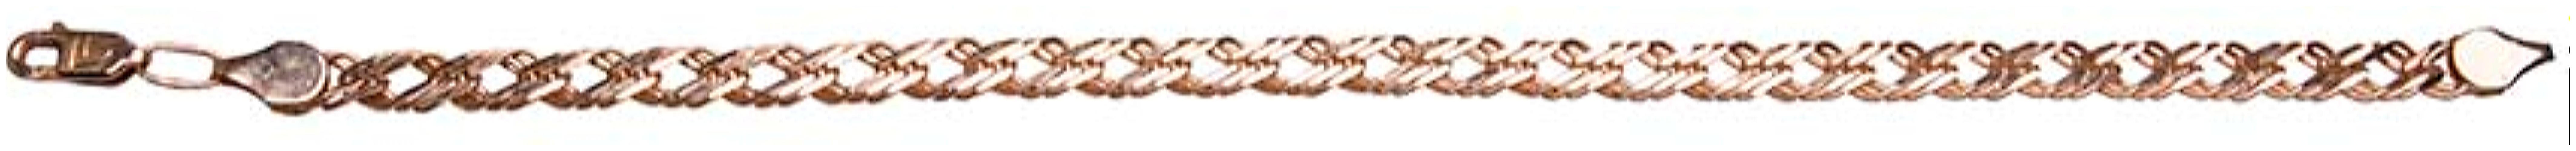 картинка браслет из золота 585° 11070370122